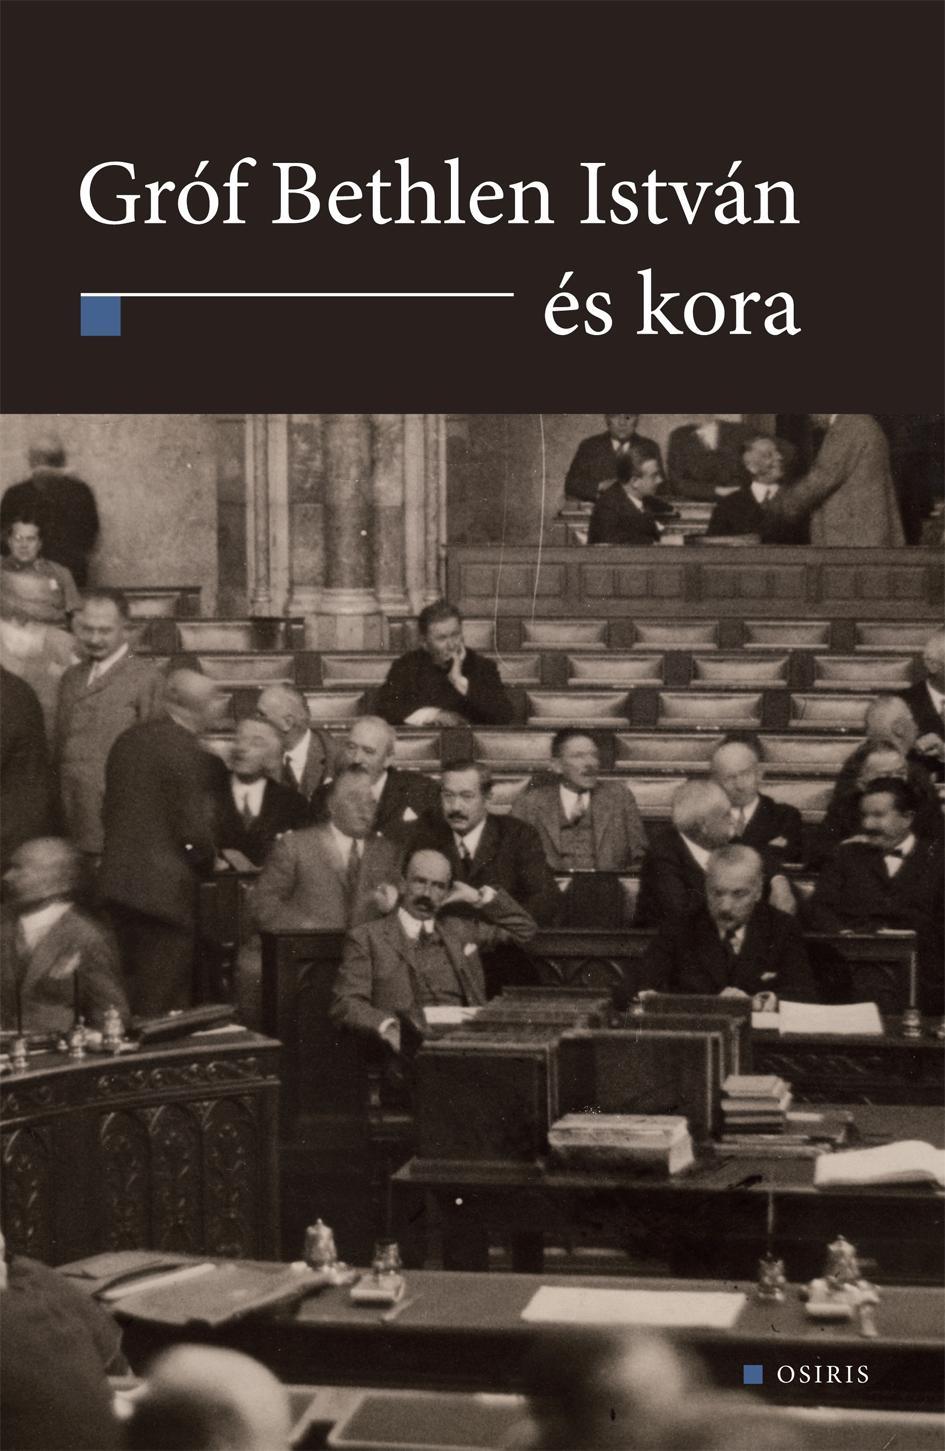 - GRÓF BETHLEN ISTVÁN ÉS KORA